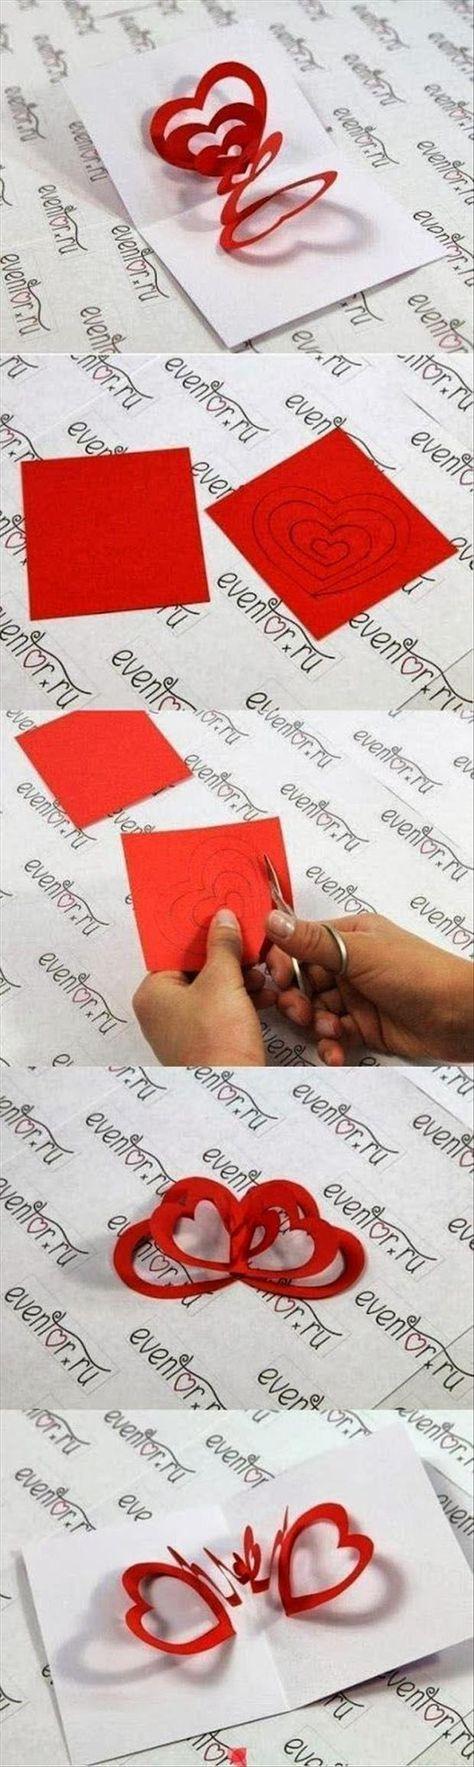 Anleitung für eine Karte mit fliegende Herzen zum Selbermachen (DIY, creative, crafts, idea, inspiration, kids, card) >> auf Fun Do It Yourself Craft Ideas – Cute Valentine's card idea